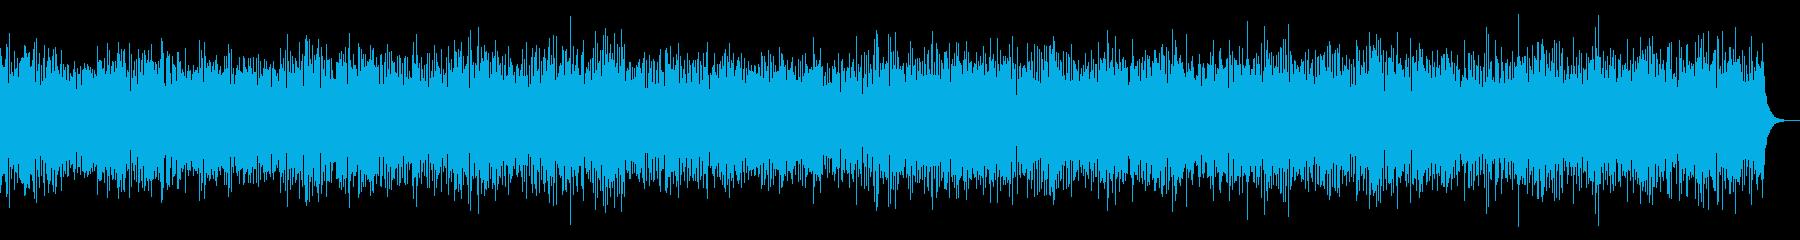 幸せ、笑顔を連想するブルーグラス風BGMの再生済みの波形